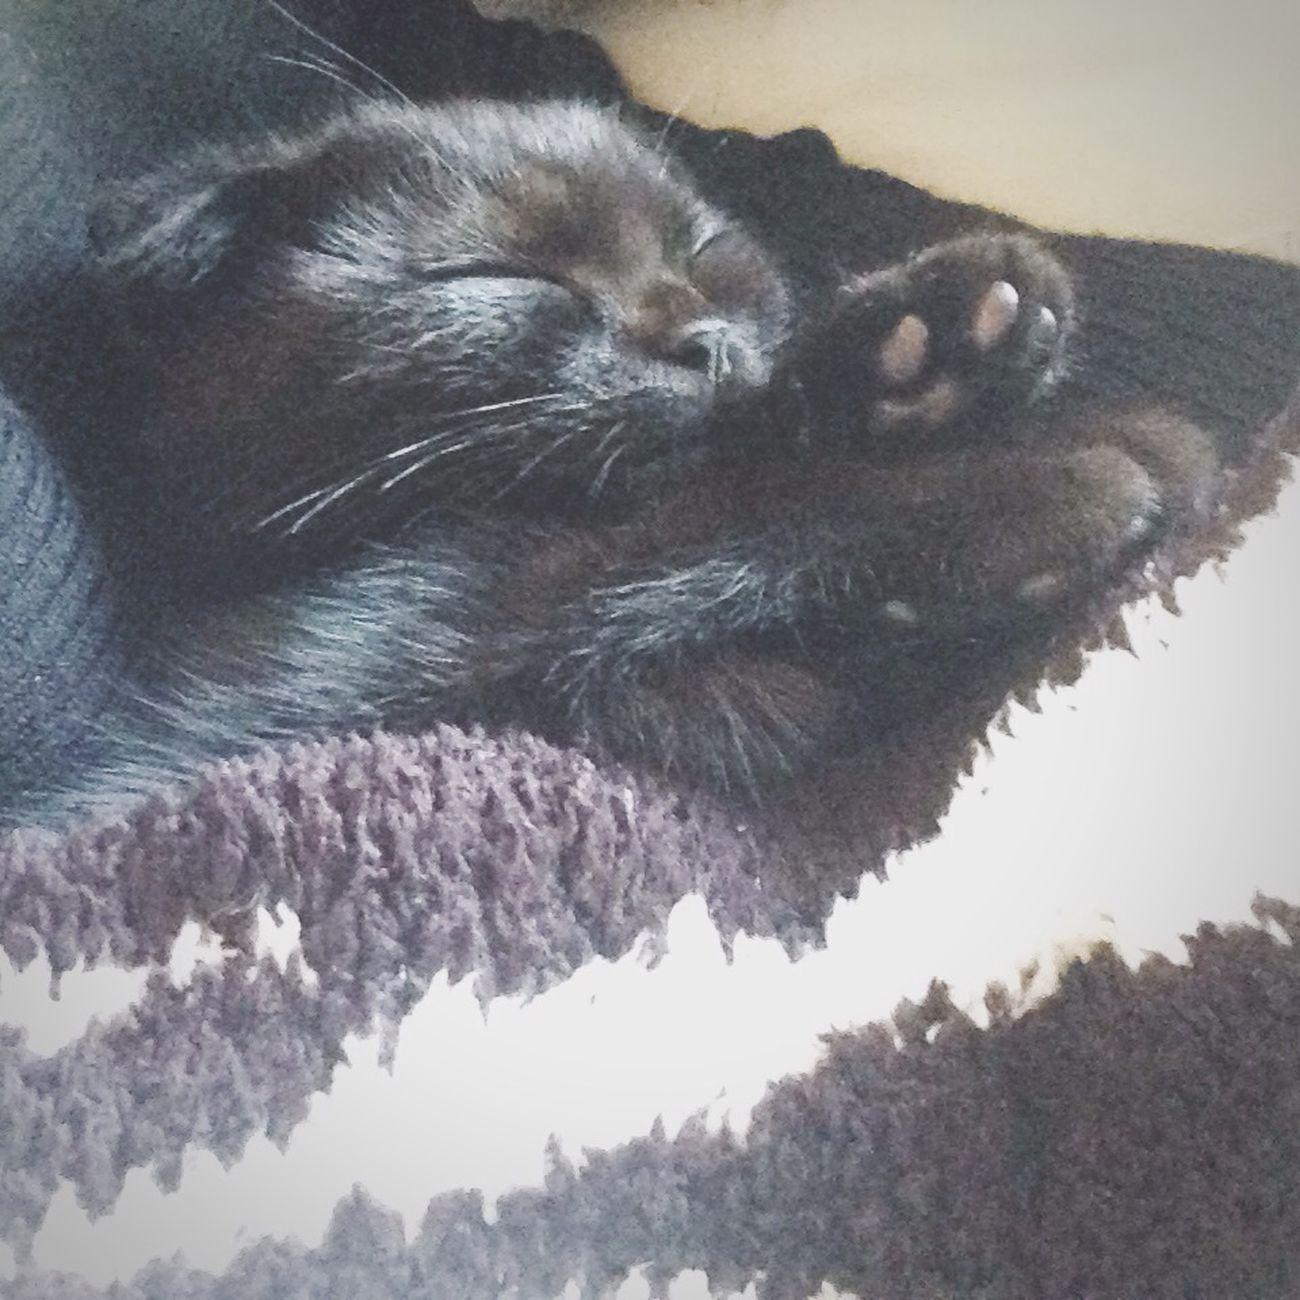 お昼寝 しあわせ 猫 黒猫 スコティッシュフォールド Cat♡ Enjoying Life Tokyo,Japan 腕まくら ??